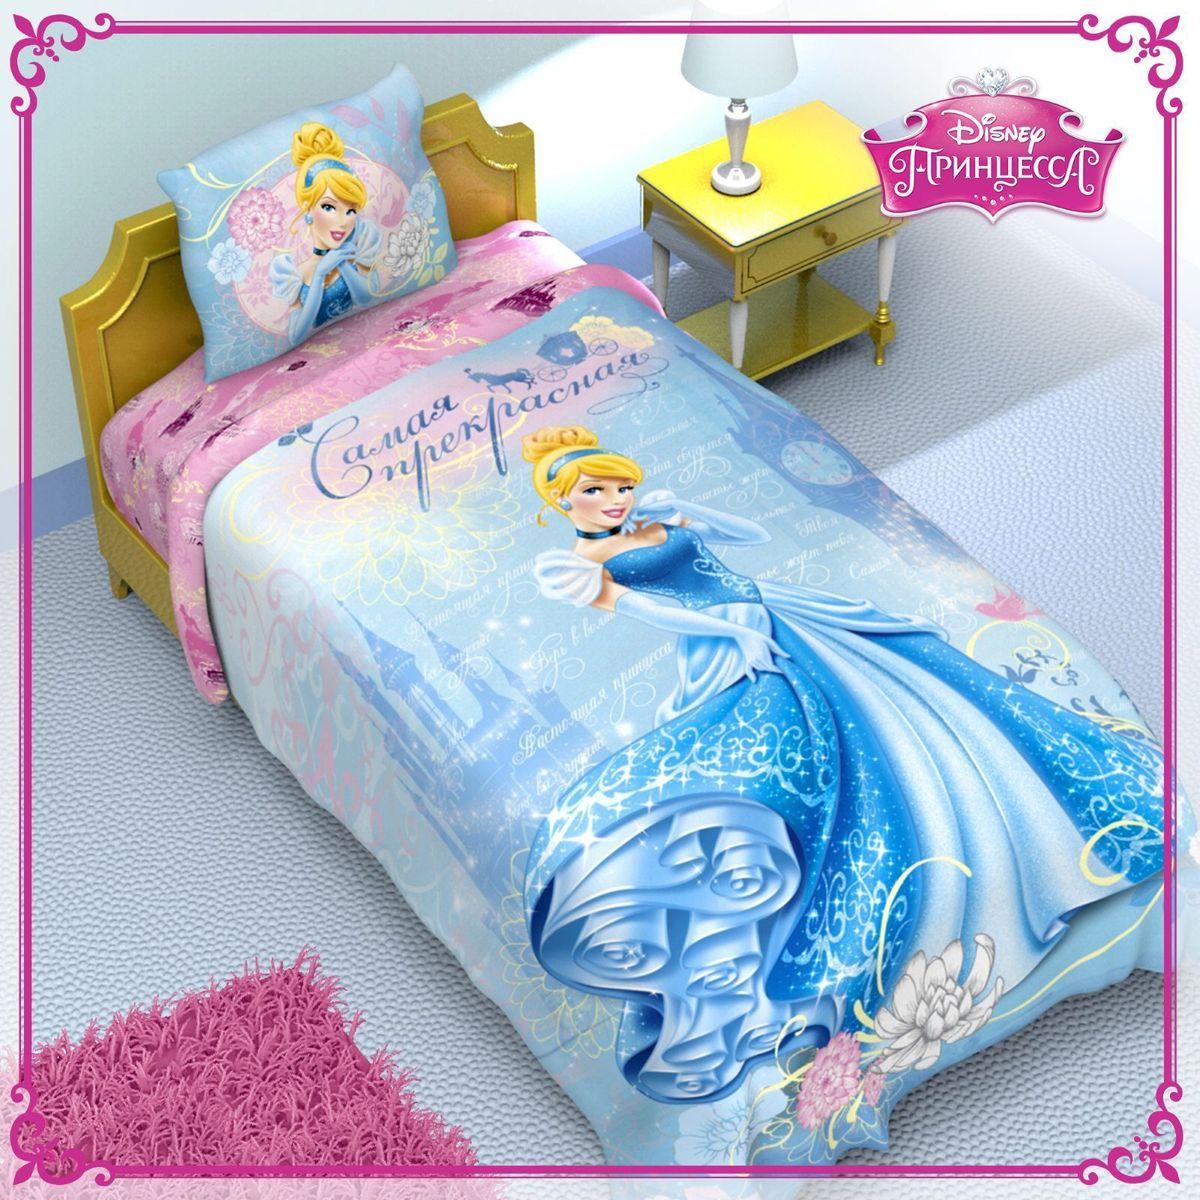 Disney Комплект детского постельного белья Принцессы 1,5 спальное 1149312